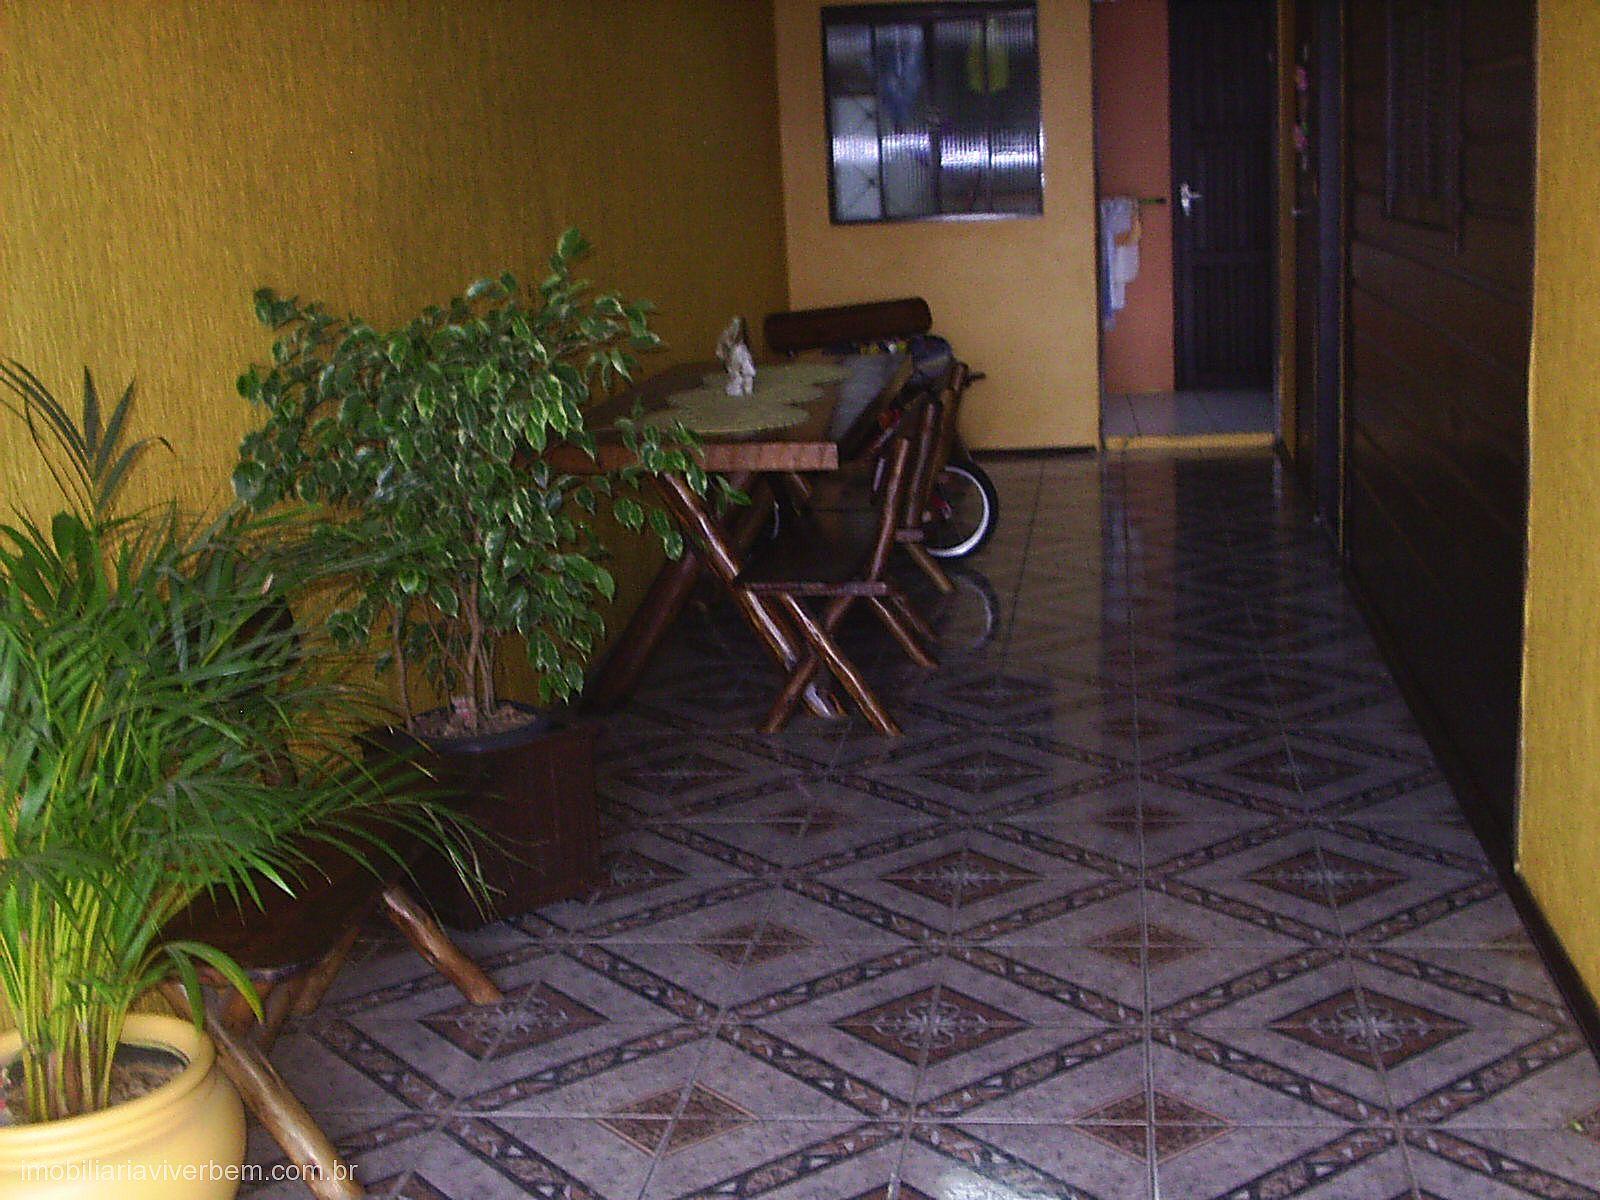 CasaVenda em Novo Hamburgo no bairro Santo Afonso